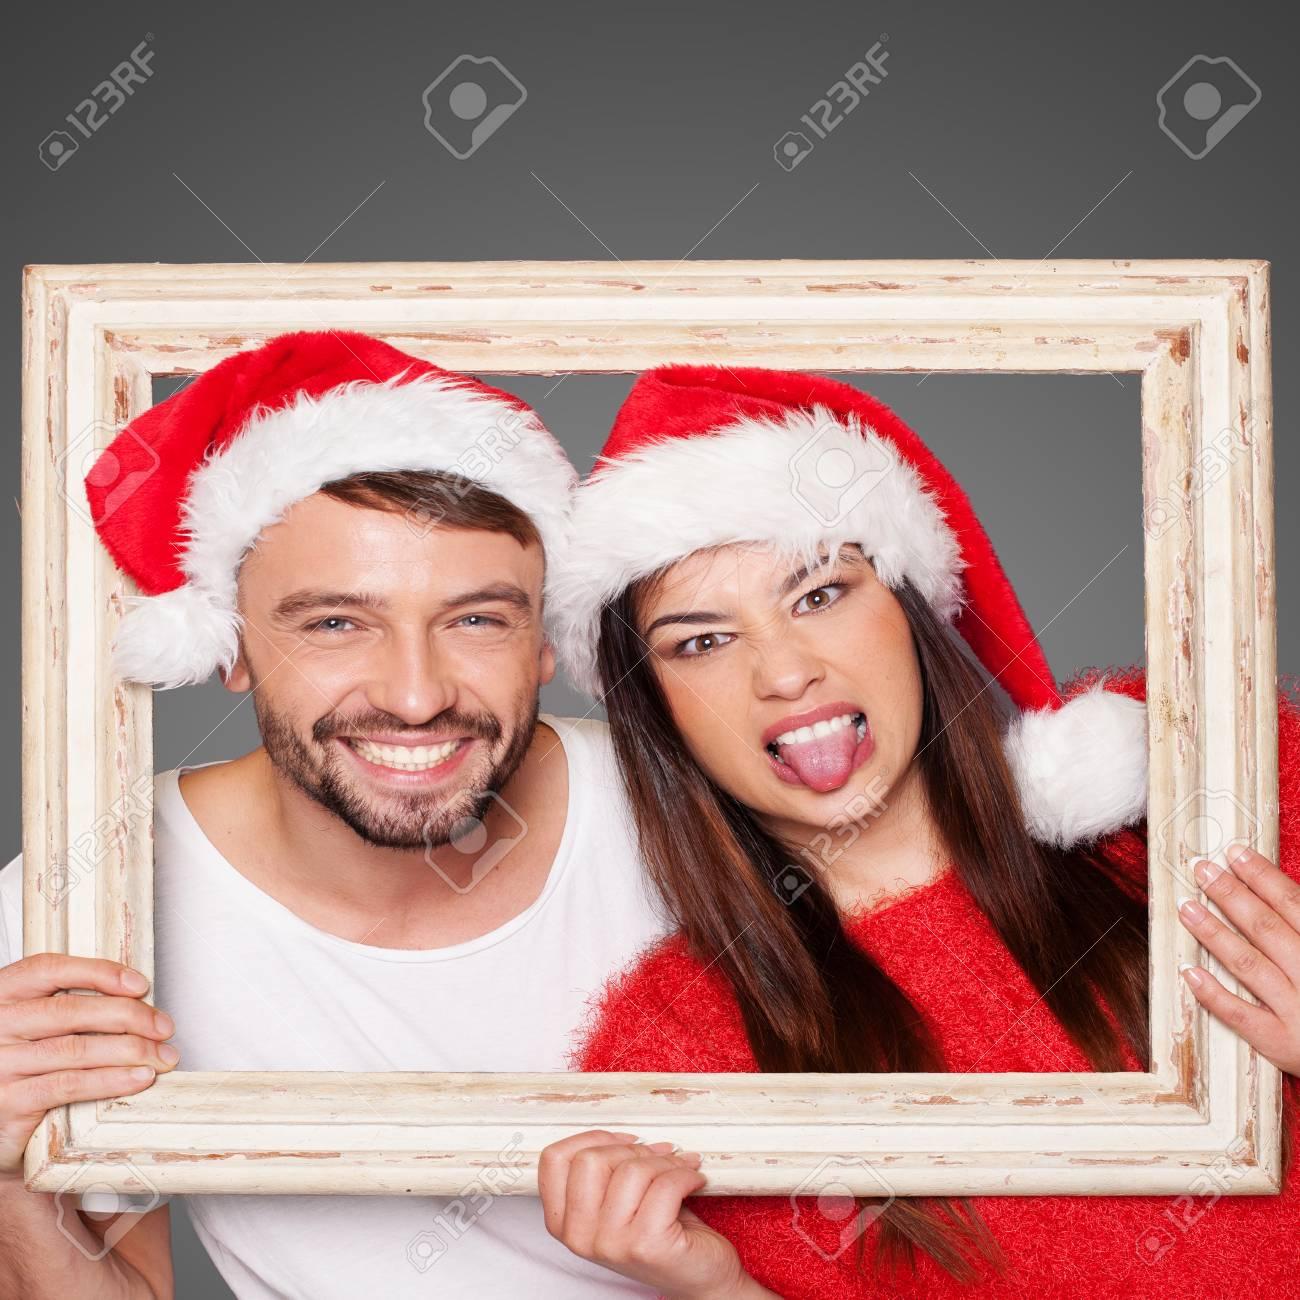 Pareja Busca A Través Y Vacía Marco De Imagen Con Sombreros De Santa ...